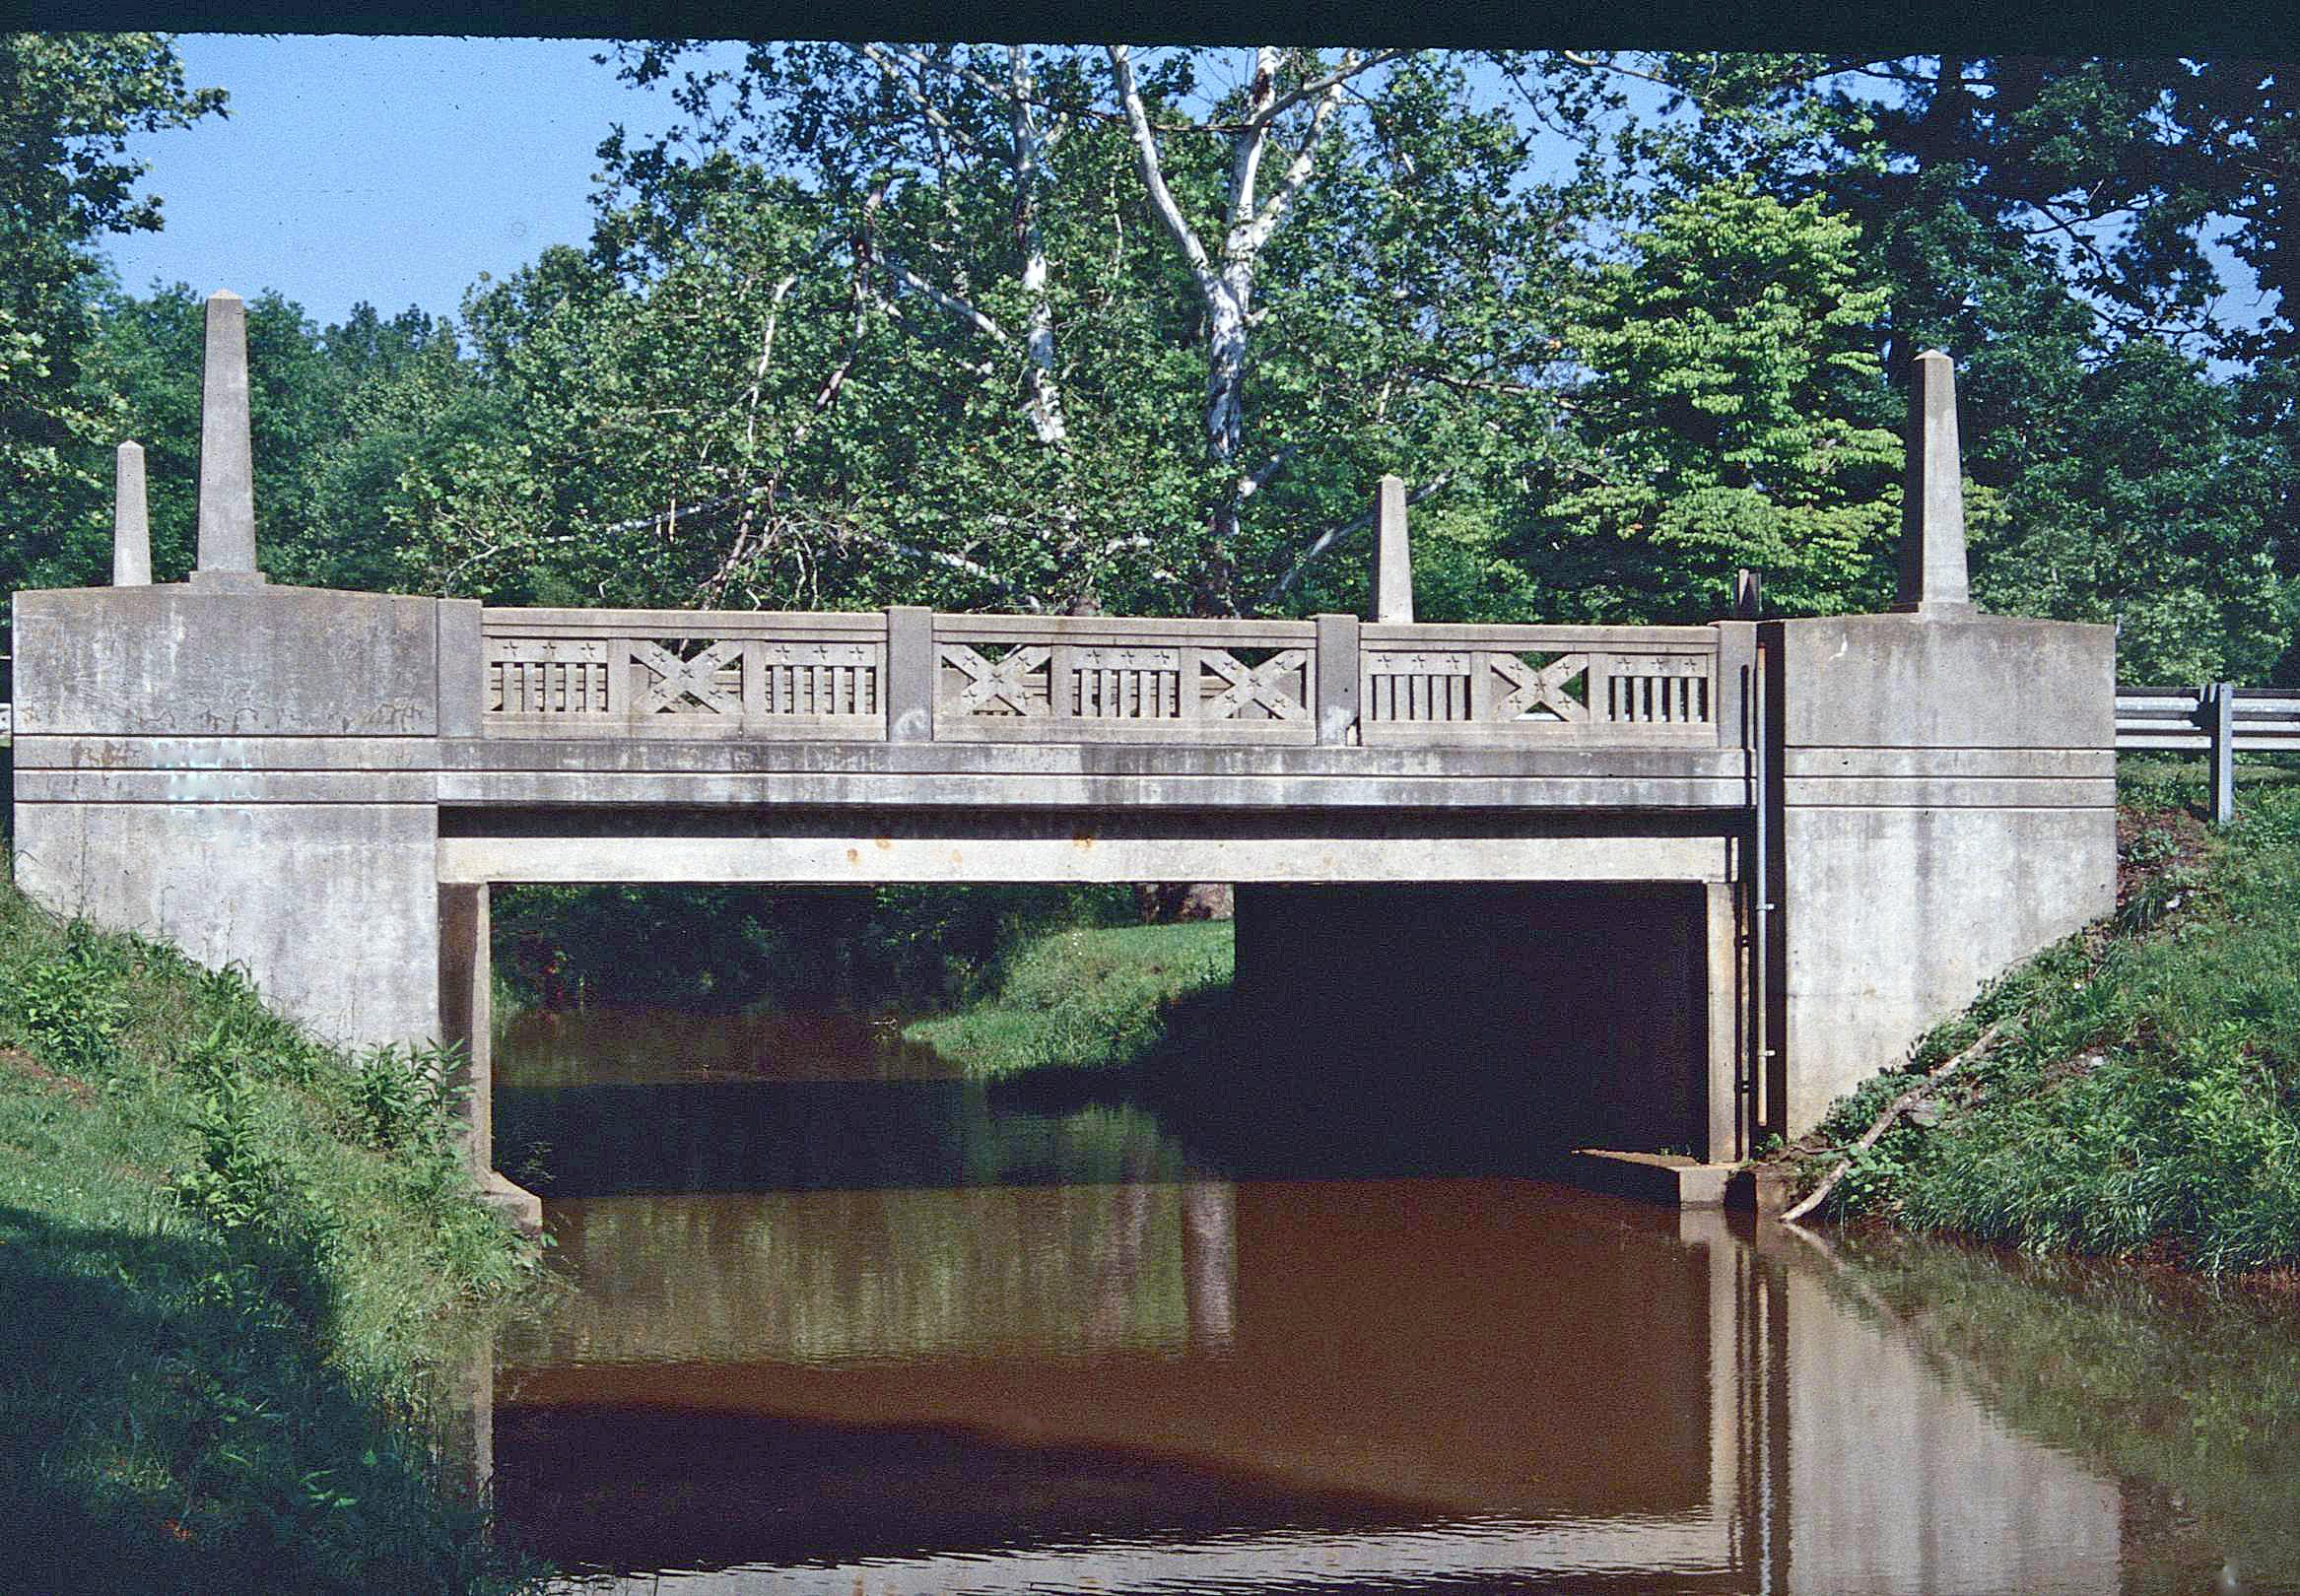 Appomattox River Bridge